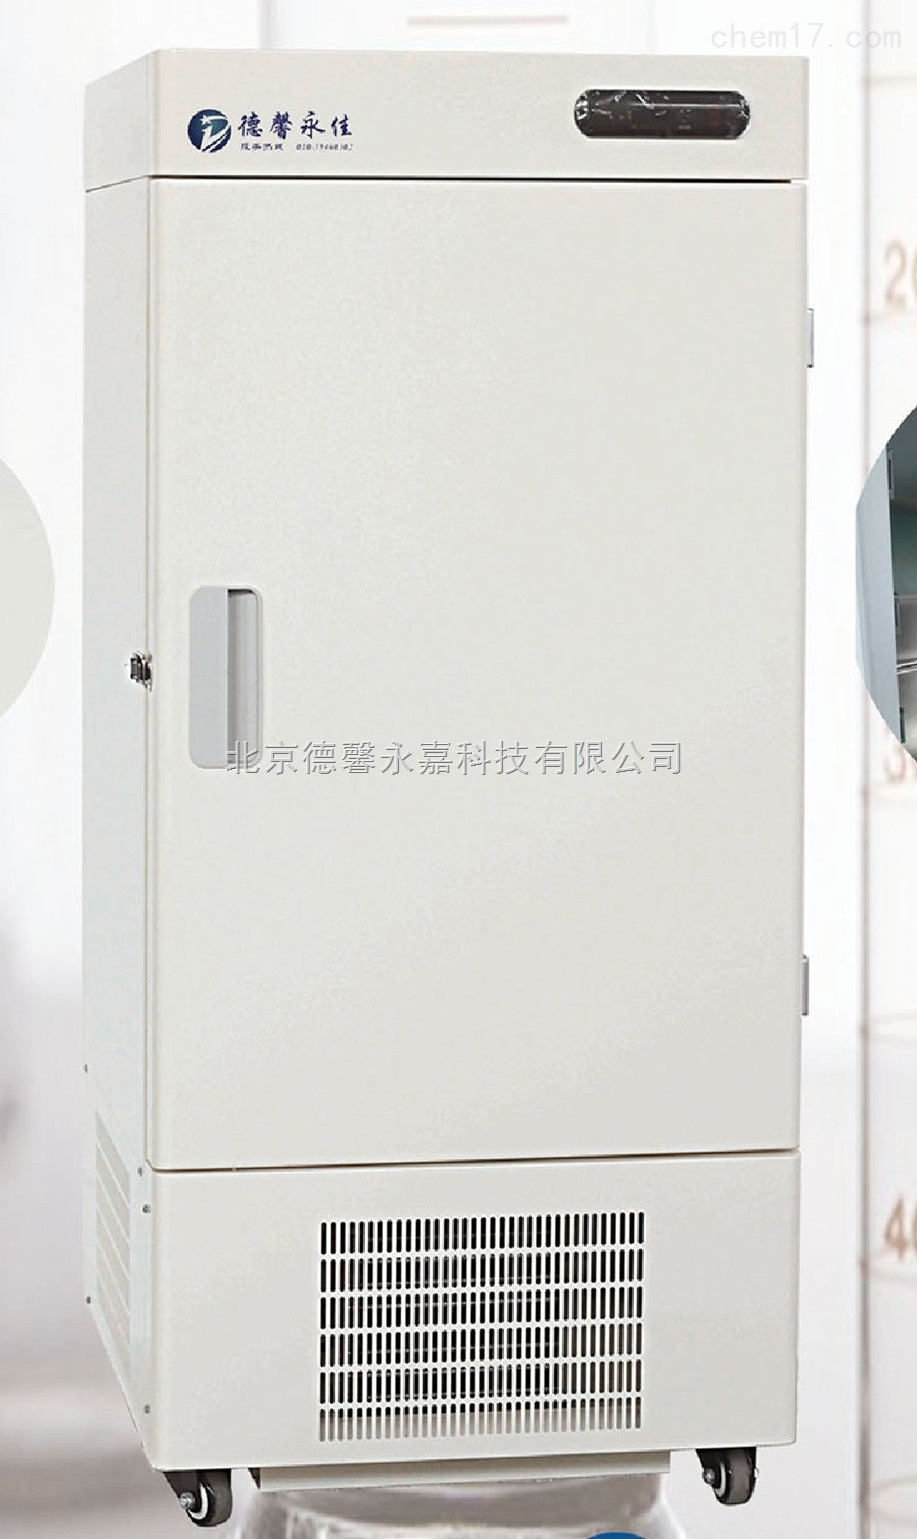 生物制品保存-80度低温冰箱